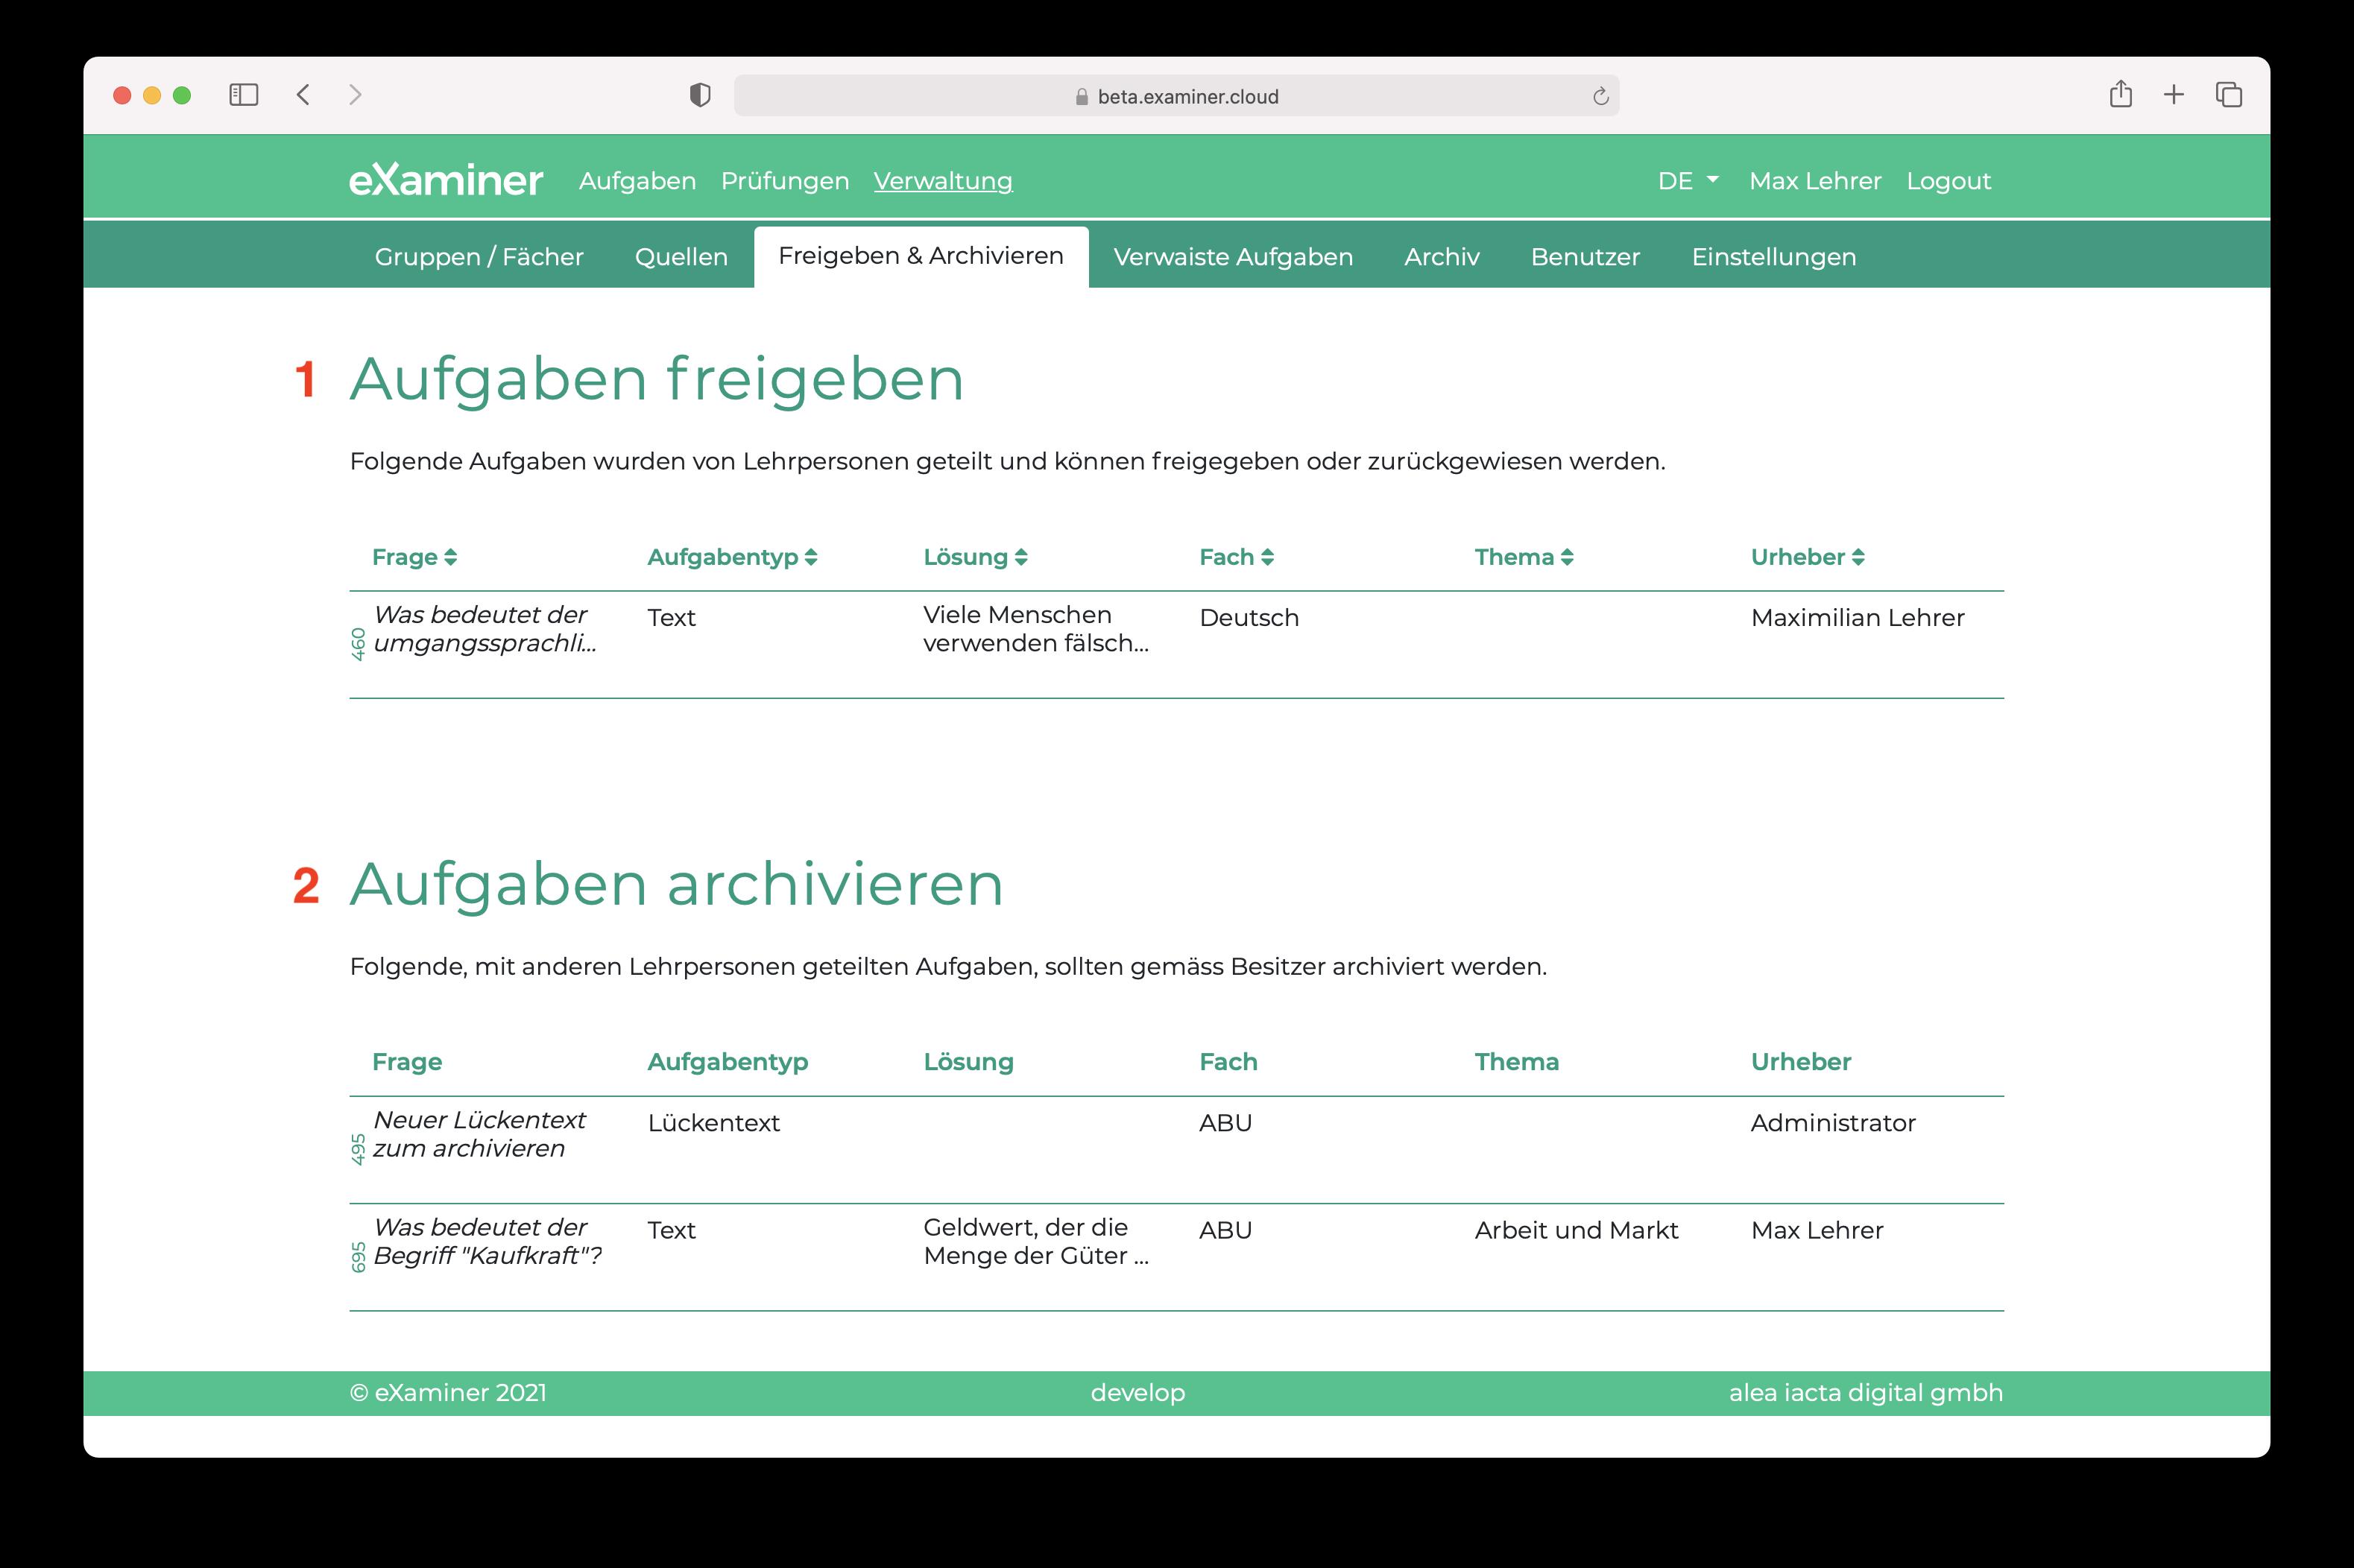 Screenshot vom Bereich wo Aufgaben freigegeben und archiviert werden können. Zwei Tabellen listen die entsprechenden Aufgaben auf.